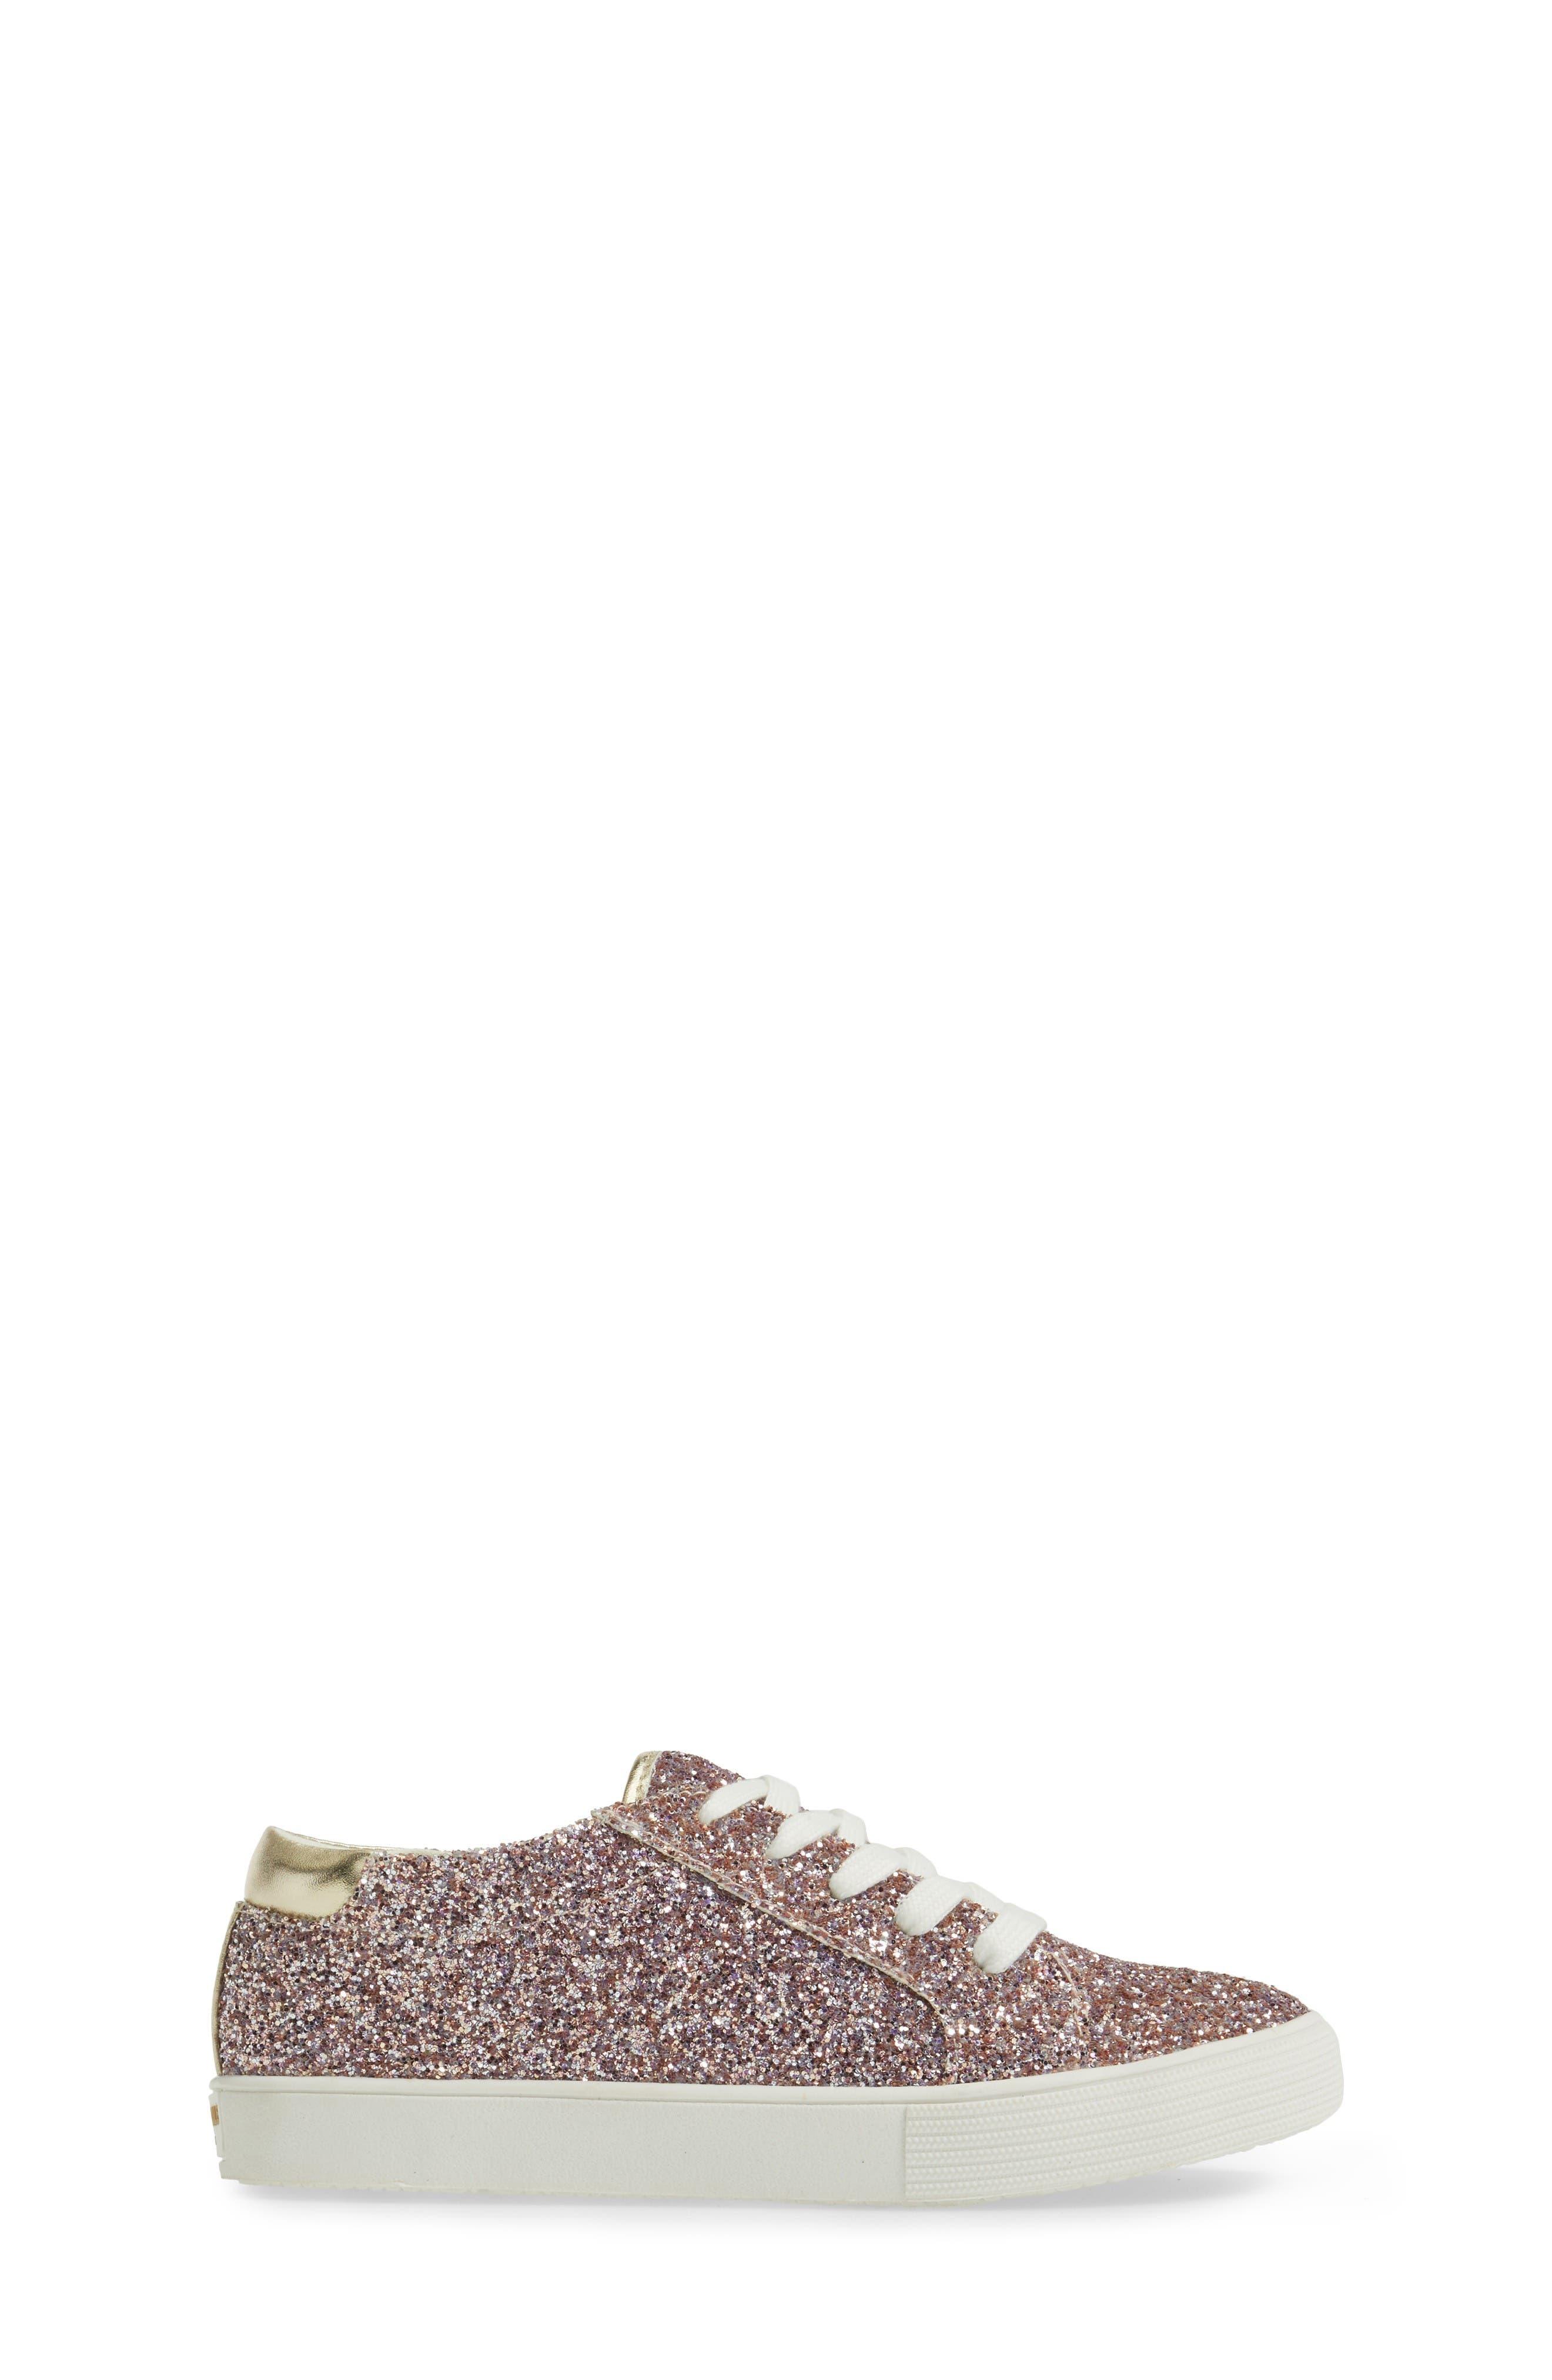 Kam Sneaker,                             Alternate thumbnail 3, color,                             Champagne